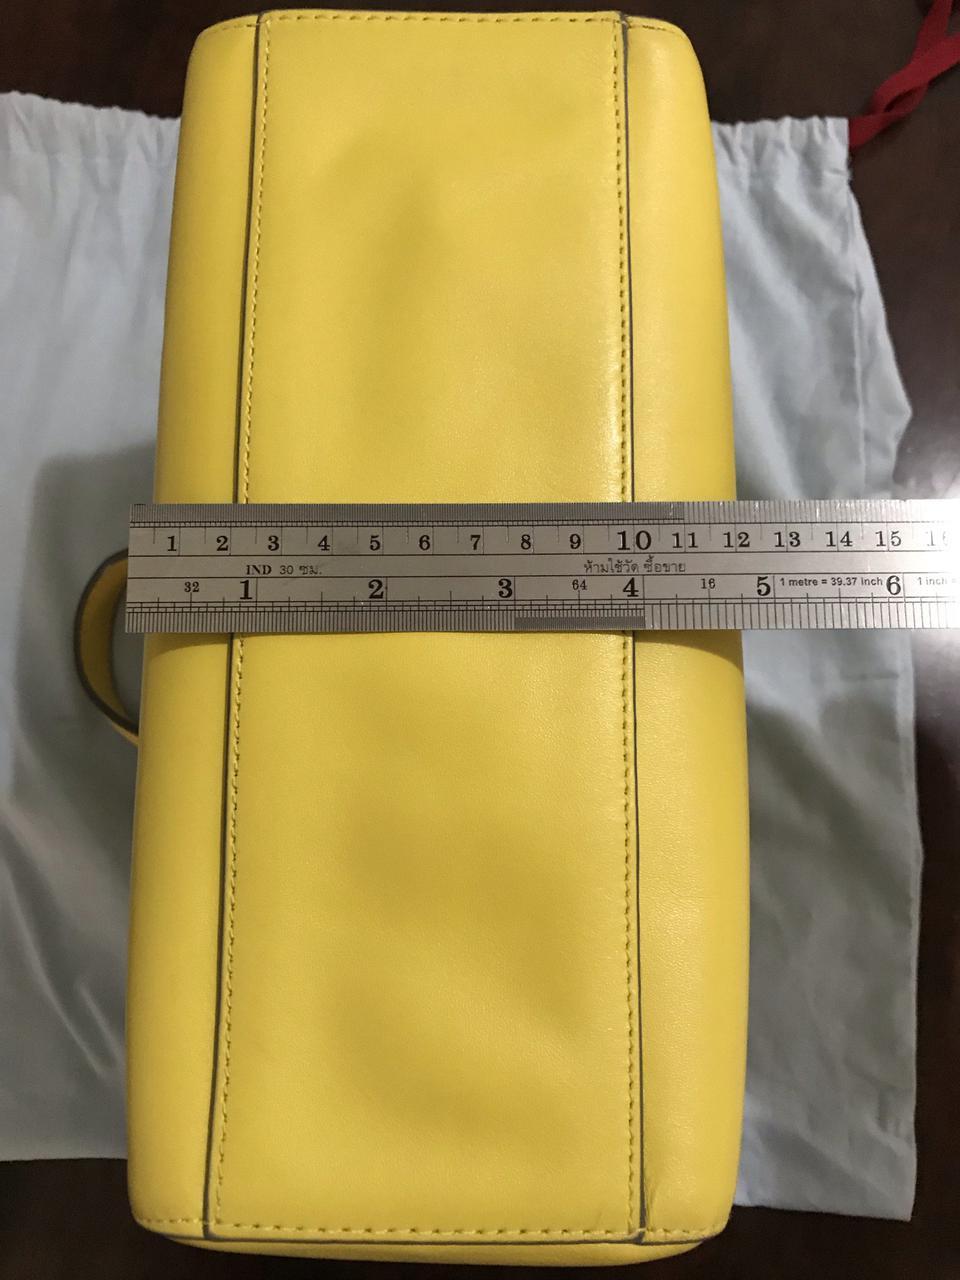 ขออนุญาตเปิด กระเป๋าถือและสะพาย Catch Kidston รุ่น The Henshall Leather Bag สีเหลืองสดใส รุ่นนี้วัสดุหนังแท้  รูปที่ 5